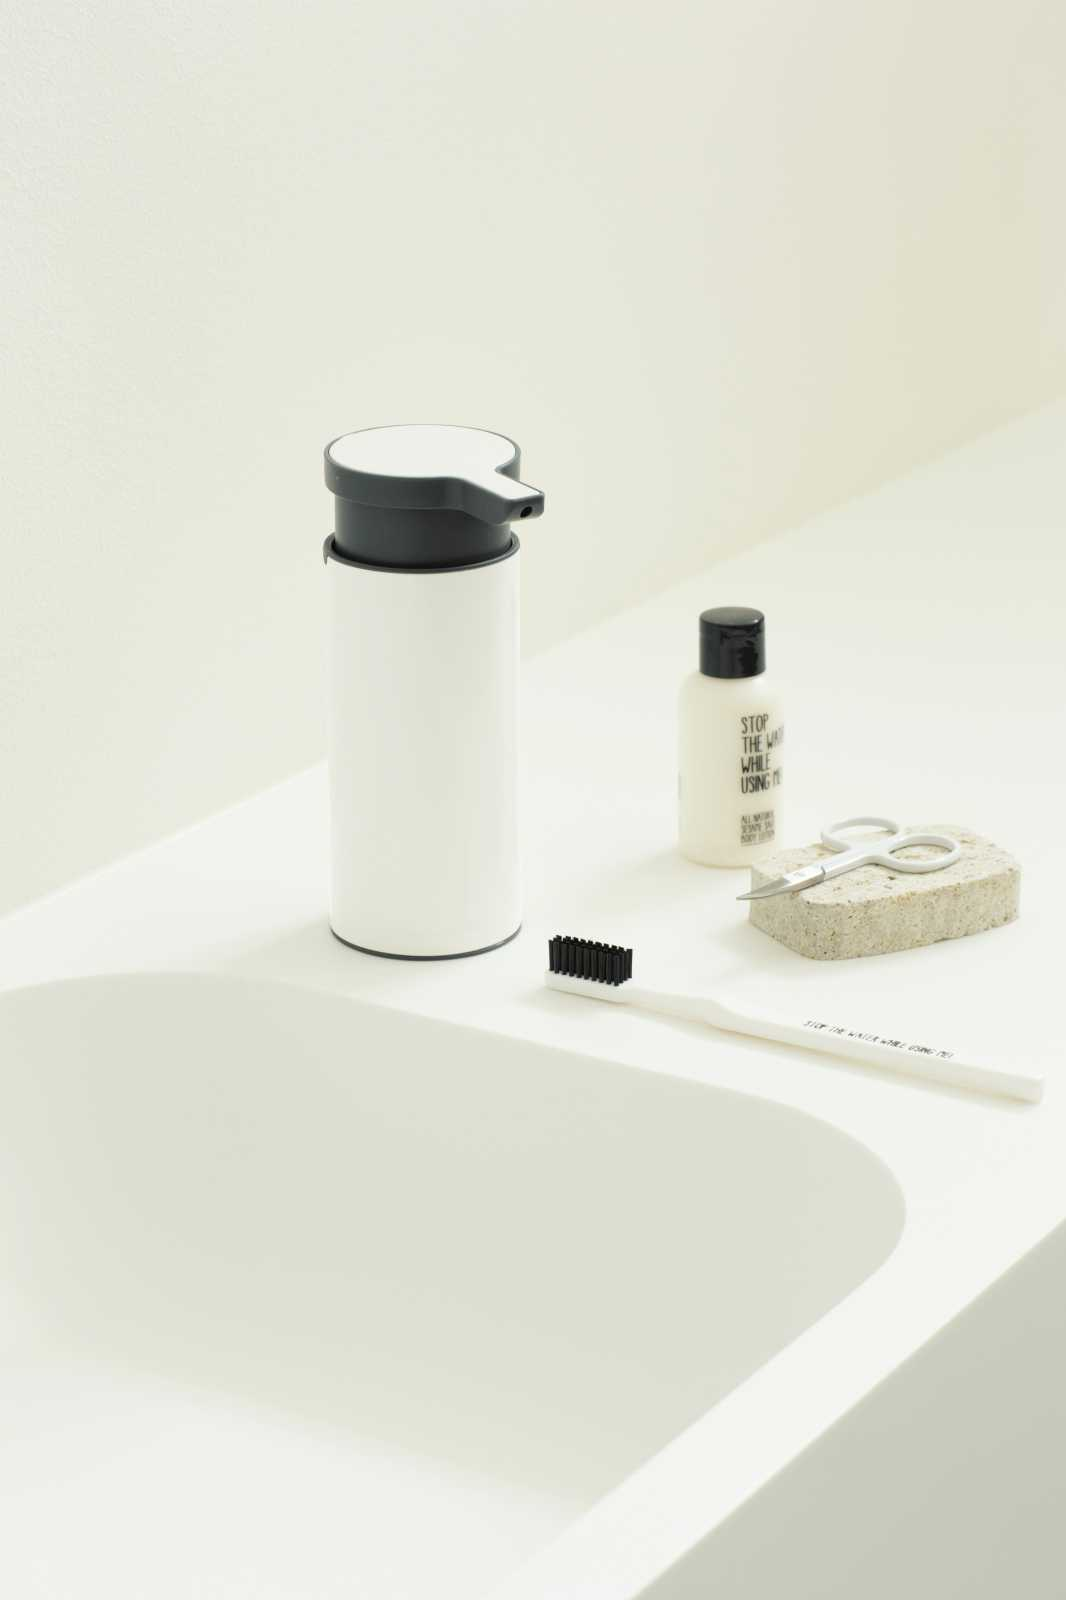 Дозатор для жидкого мыла Brabantia, объем 0,2 л, белый с черным Brabantia 108181 фото 1